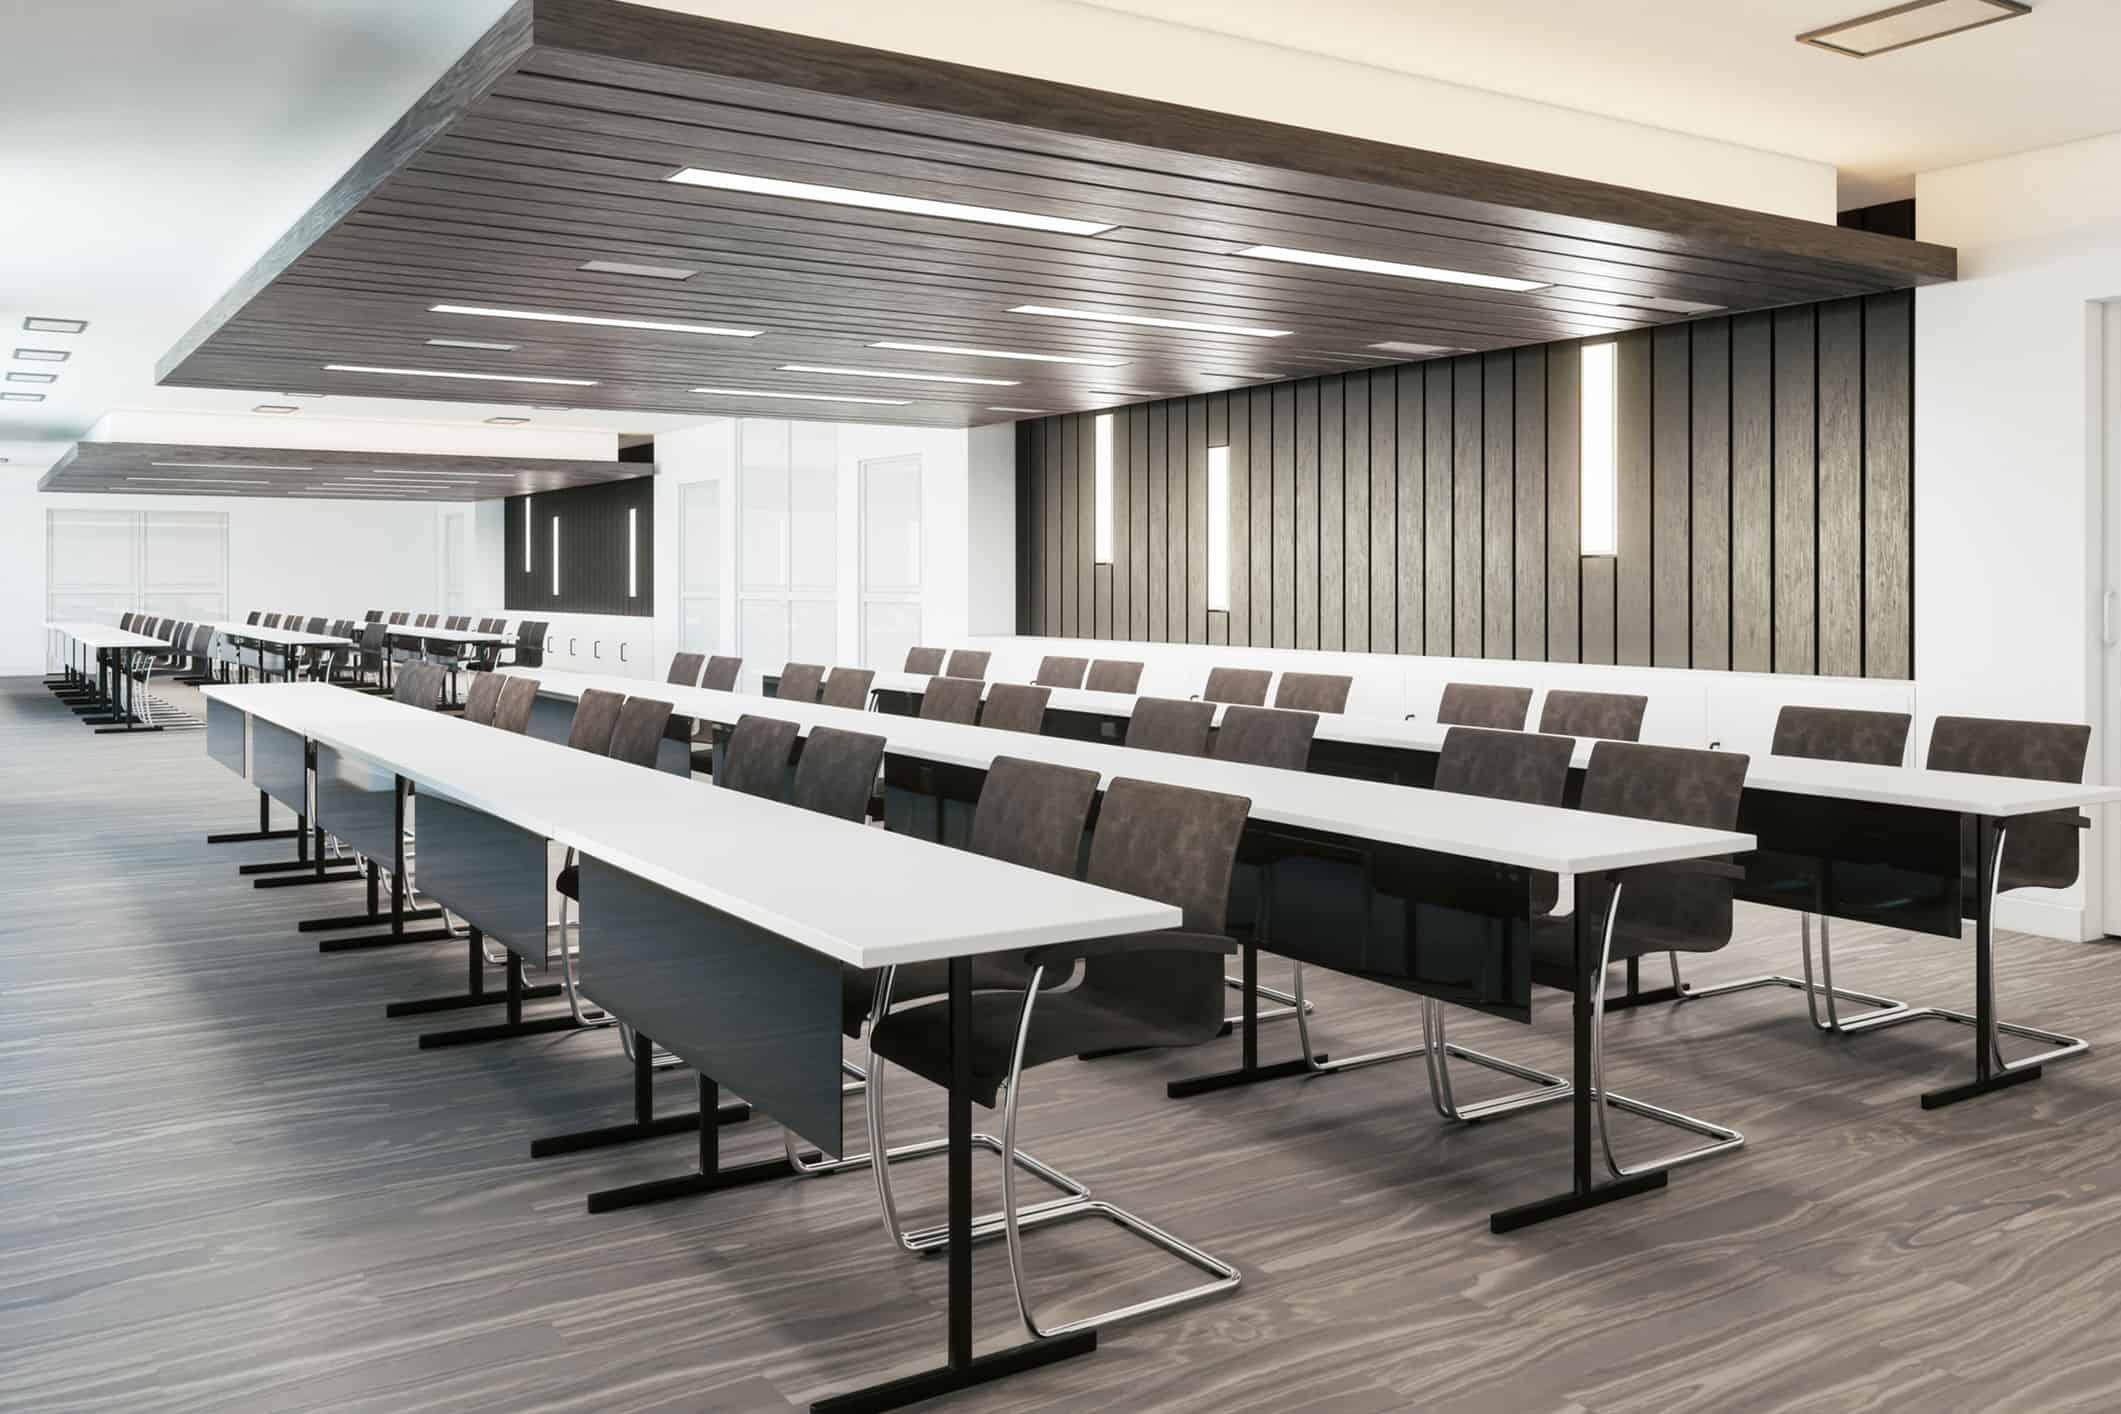 Seminarraum und Workshopraum für Fortbildungen passend zu Online und Hybrid Event sowie Präsenzveranstaltung